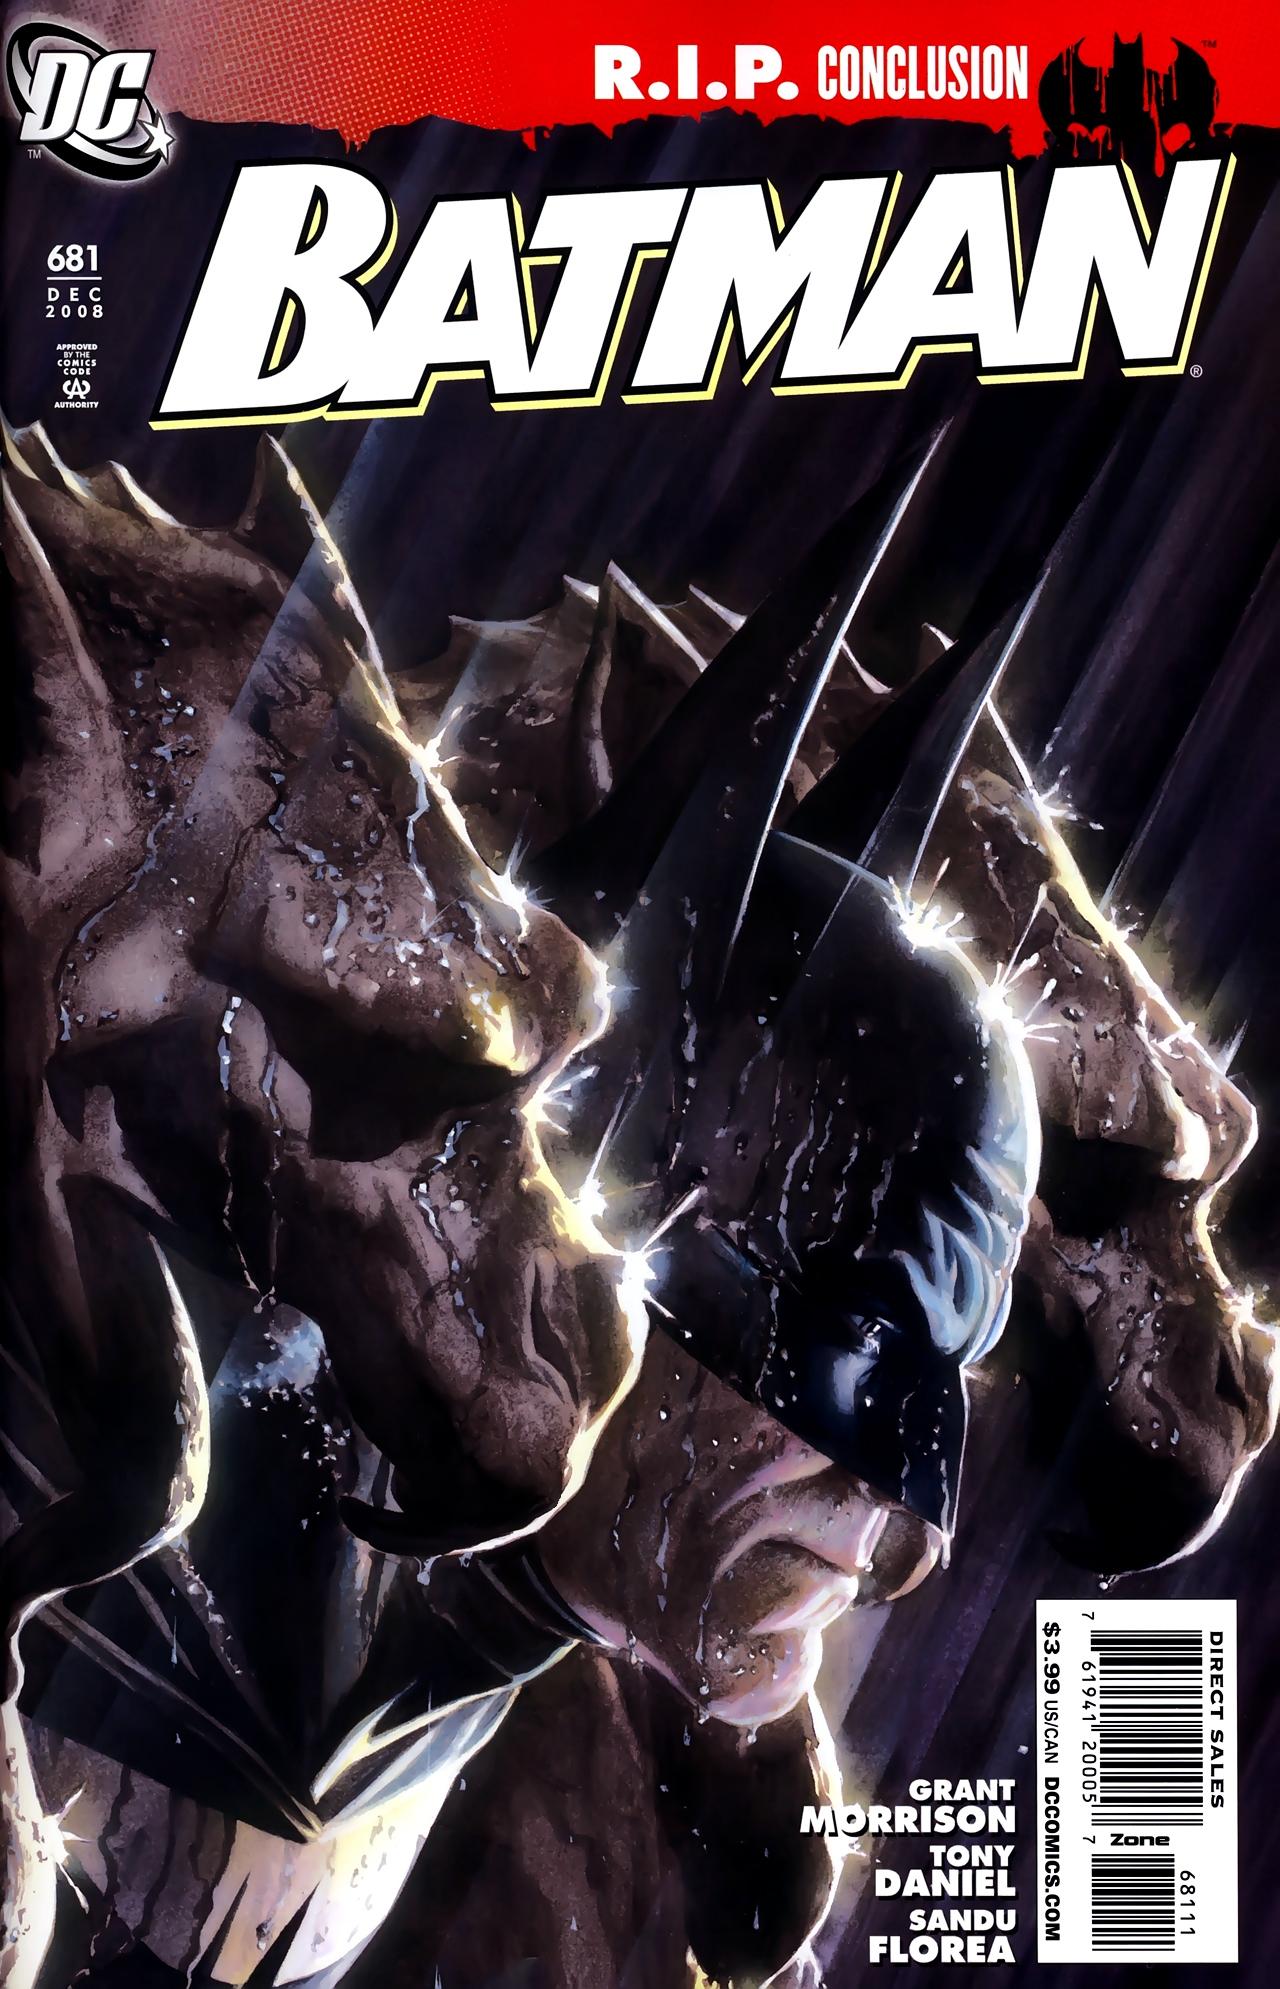 http://vignette2.wikia.nocookie.net/marvel_dc/images/3/38/Batman_681.jpg/revision/latest?cb=20140104034348